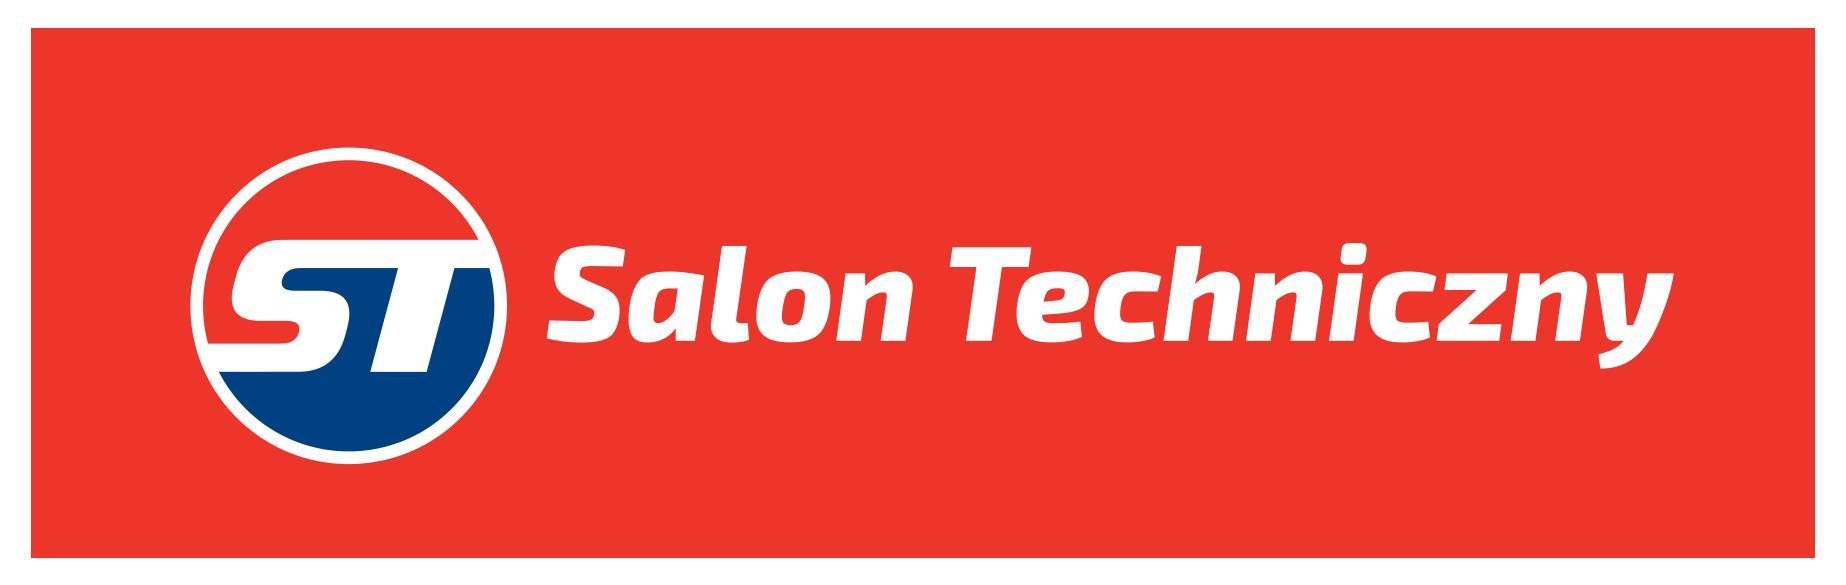 Salon Techniczny